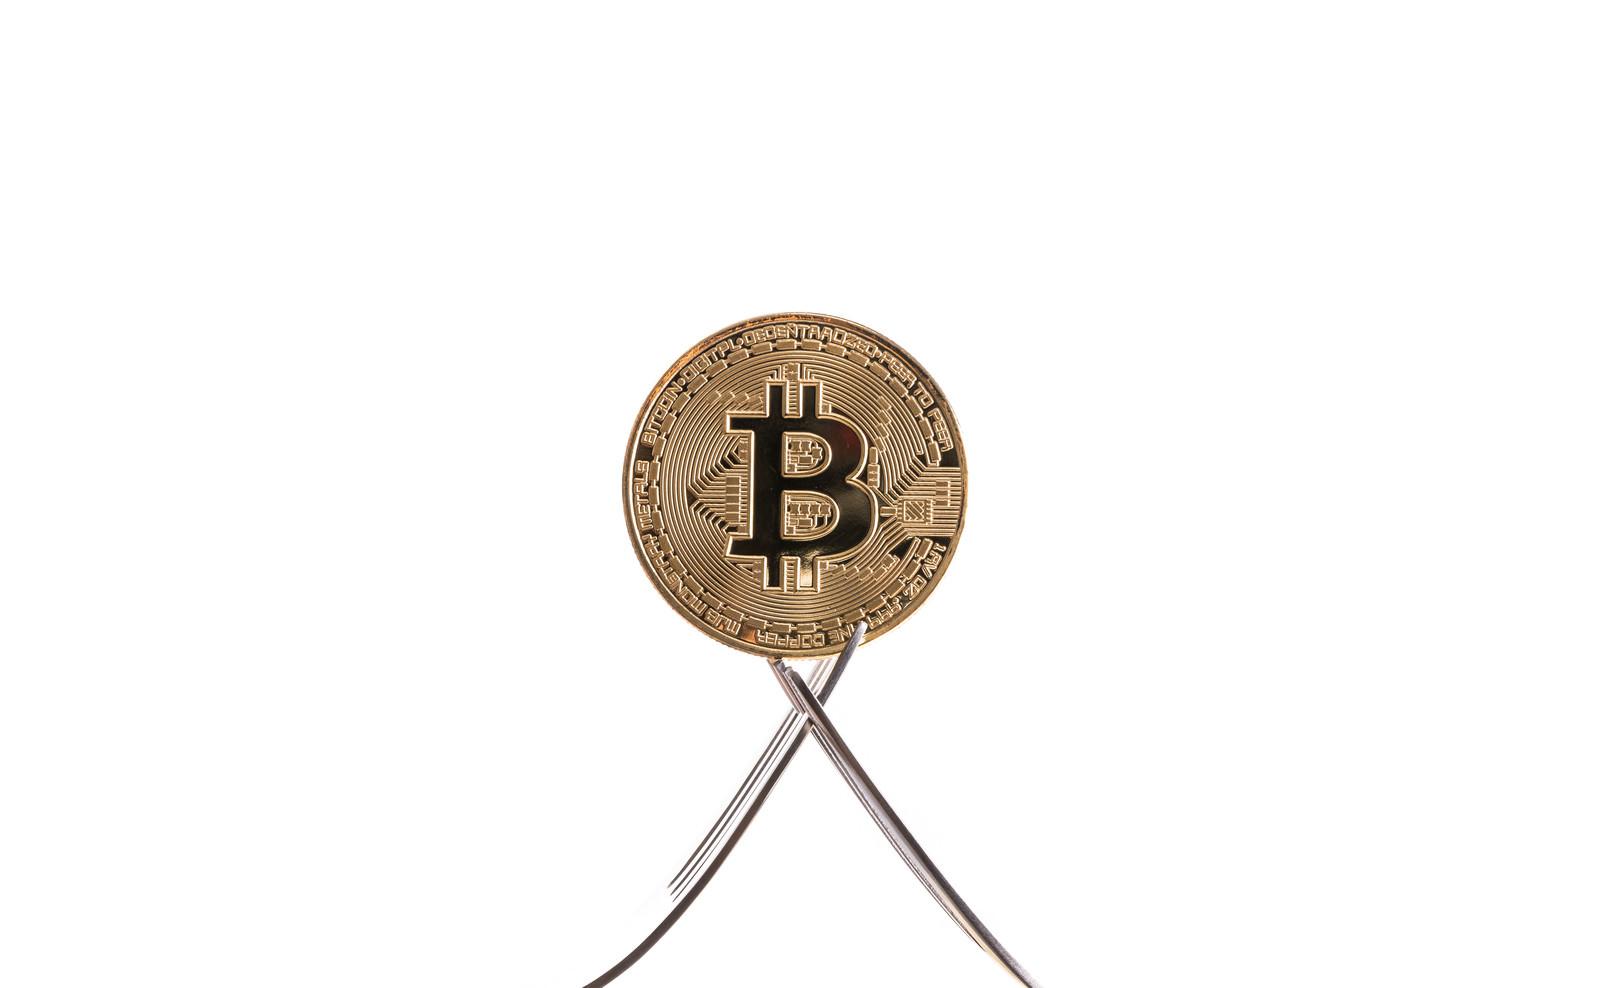 「フォークで挟まれるビットコイン」の写真